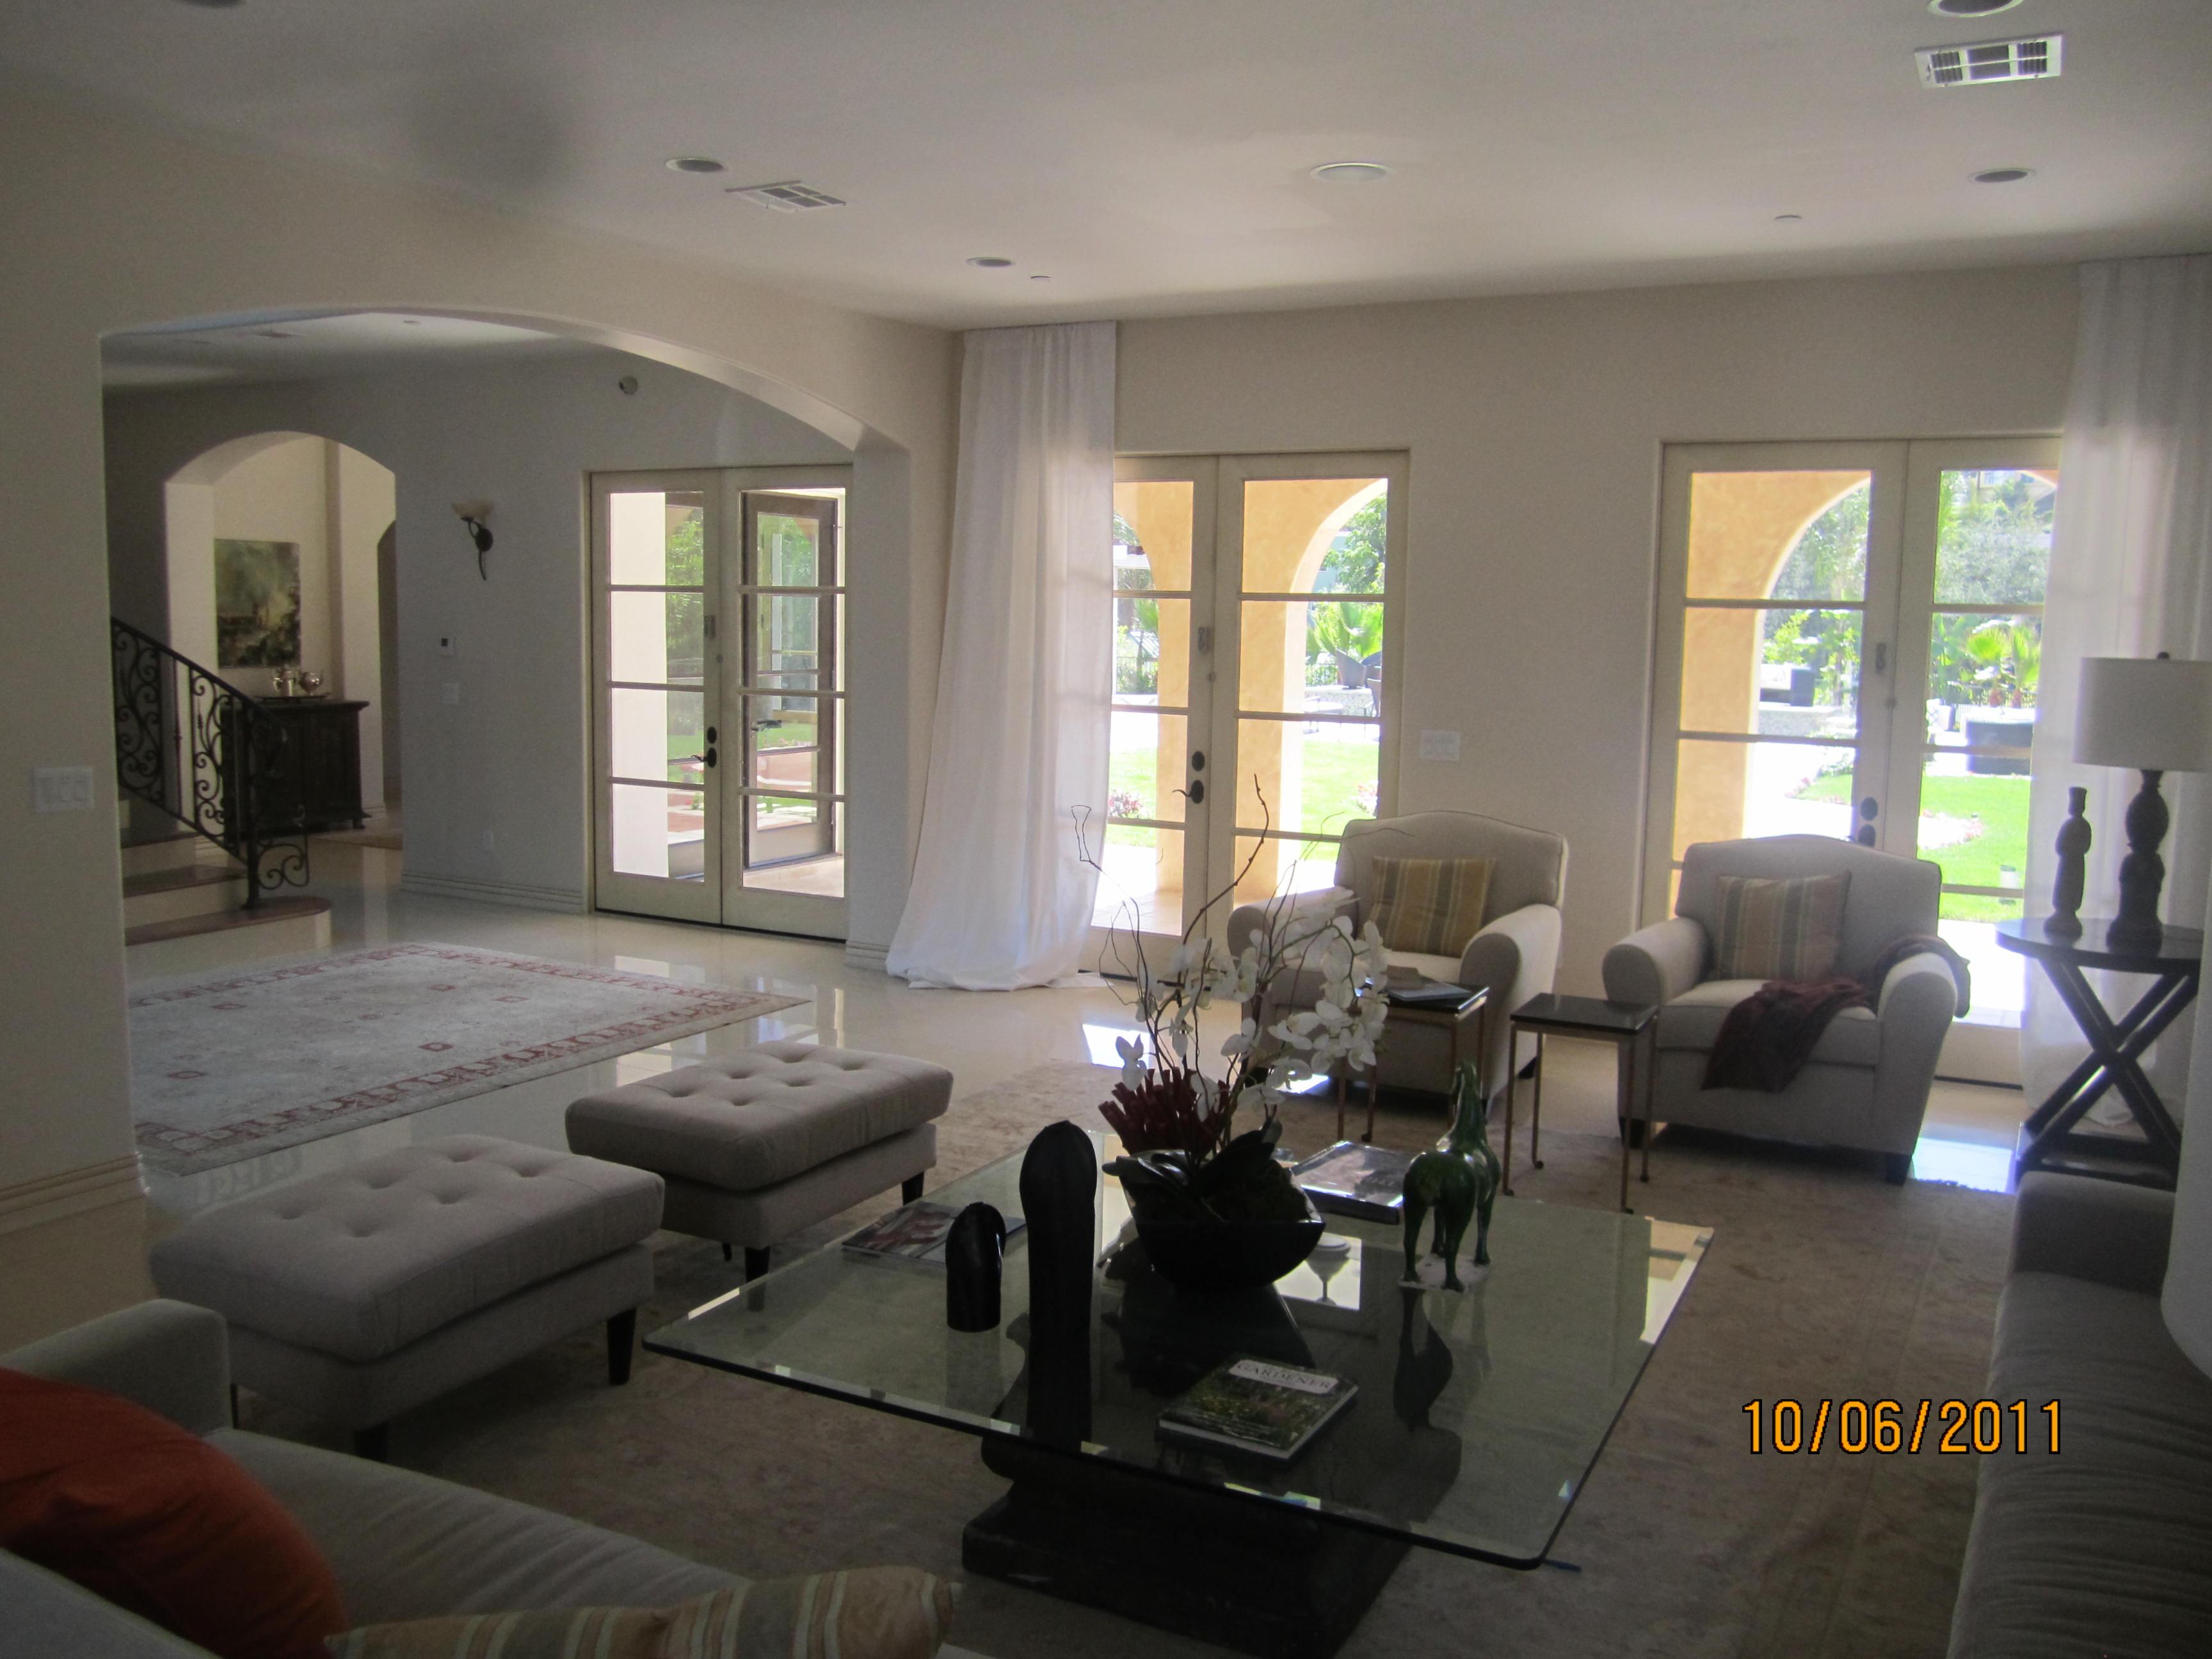 Interior Window Screen in Living Room